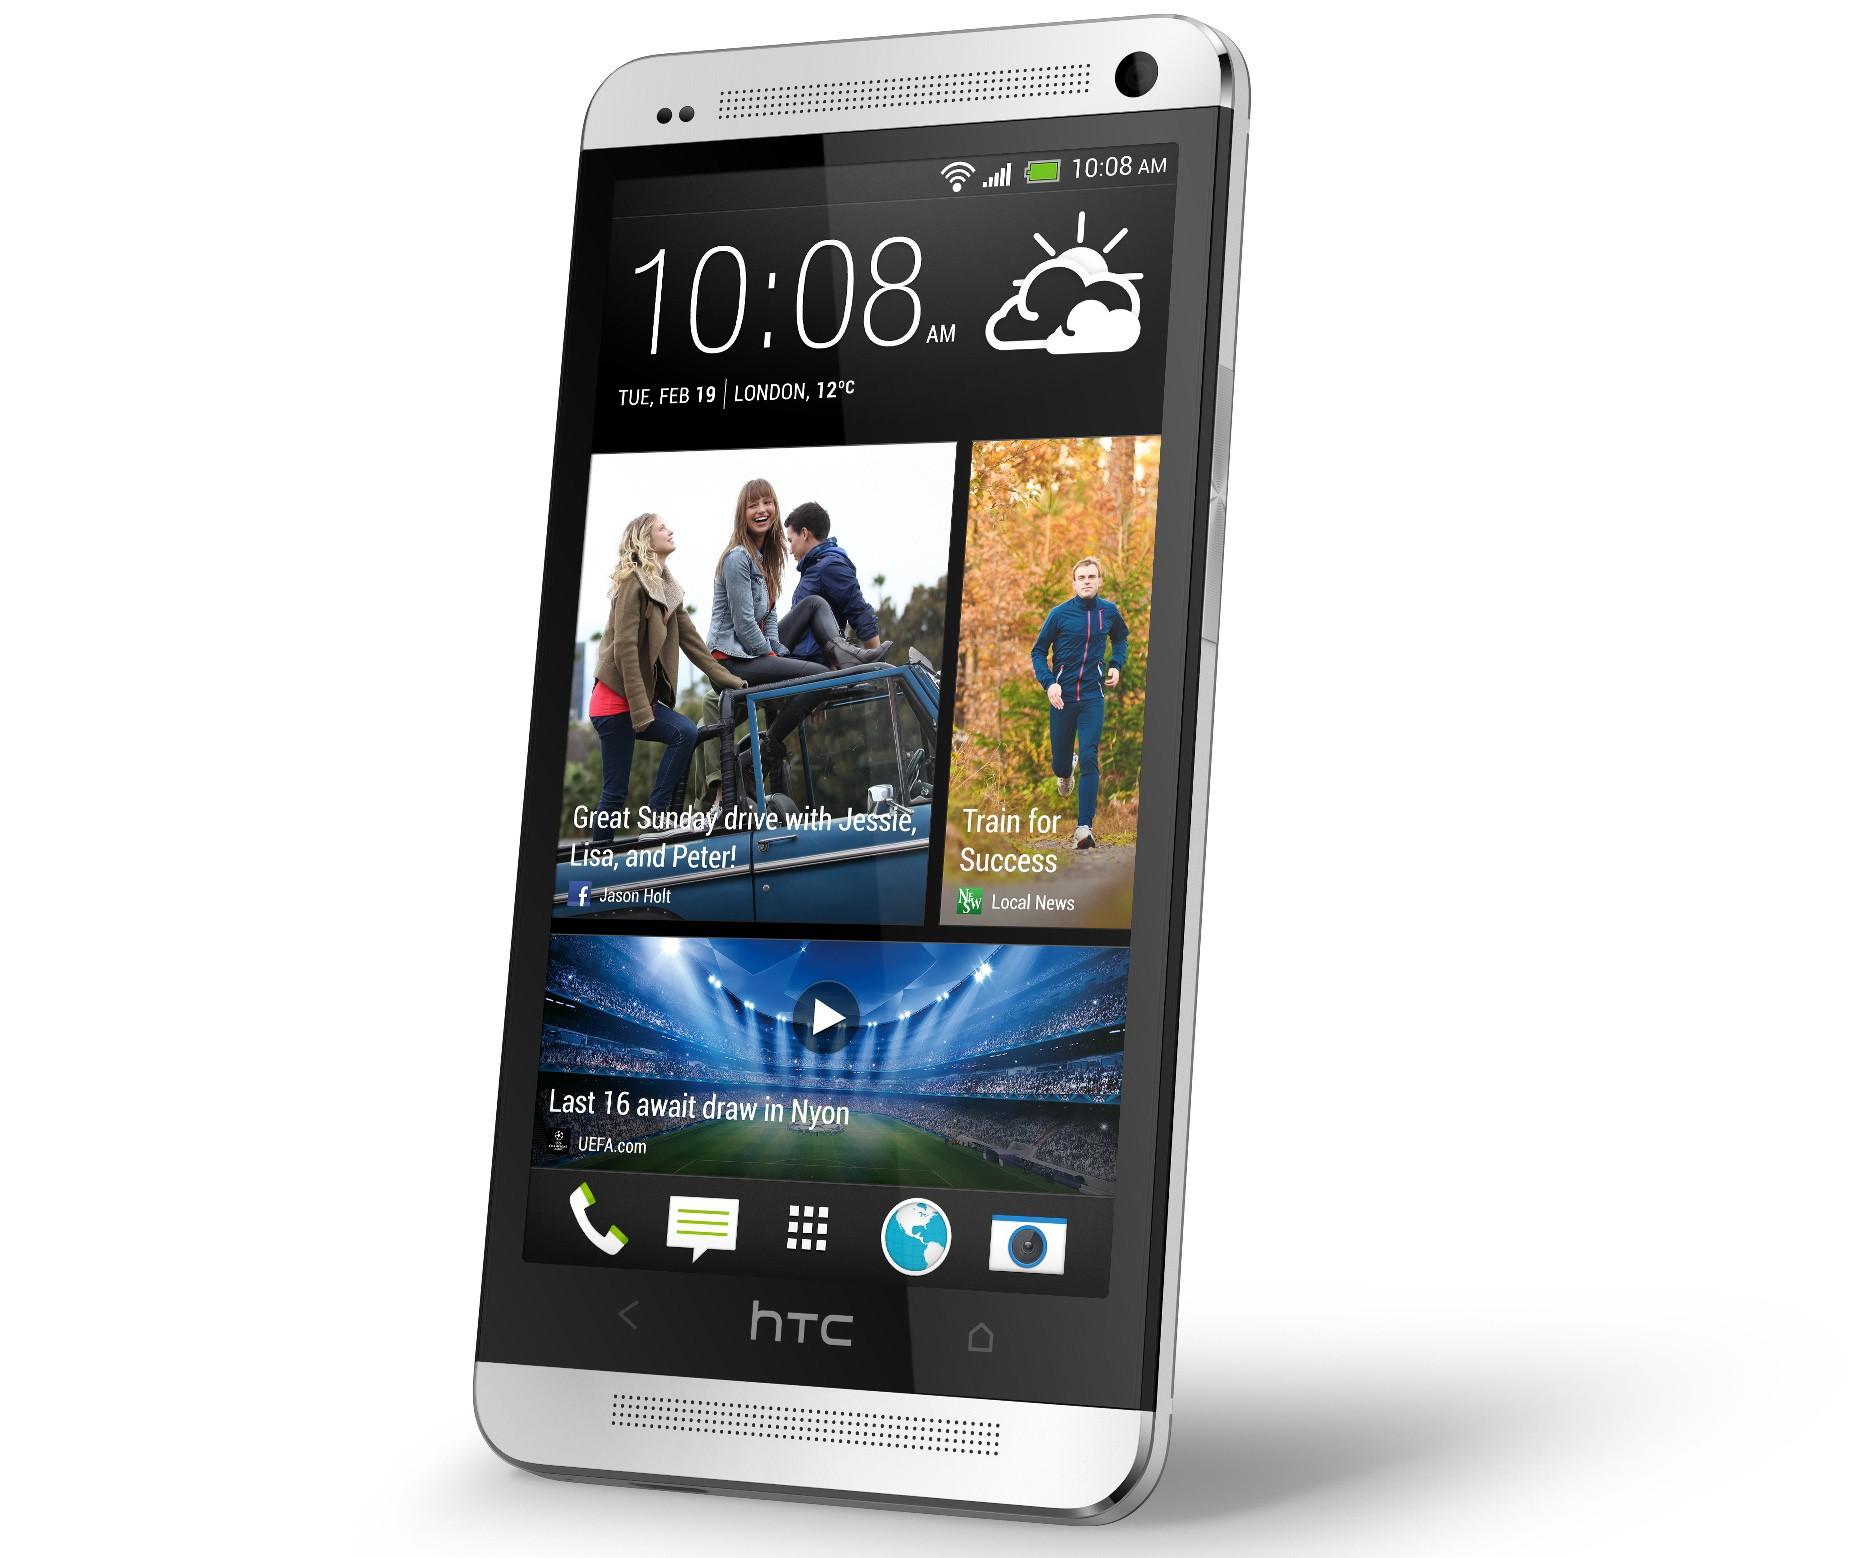 HTC One - Thegioididong: Mua smartphone nhận nhiều quà tặng giá trị